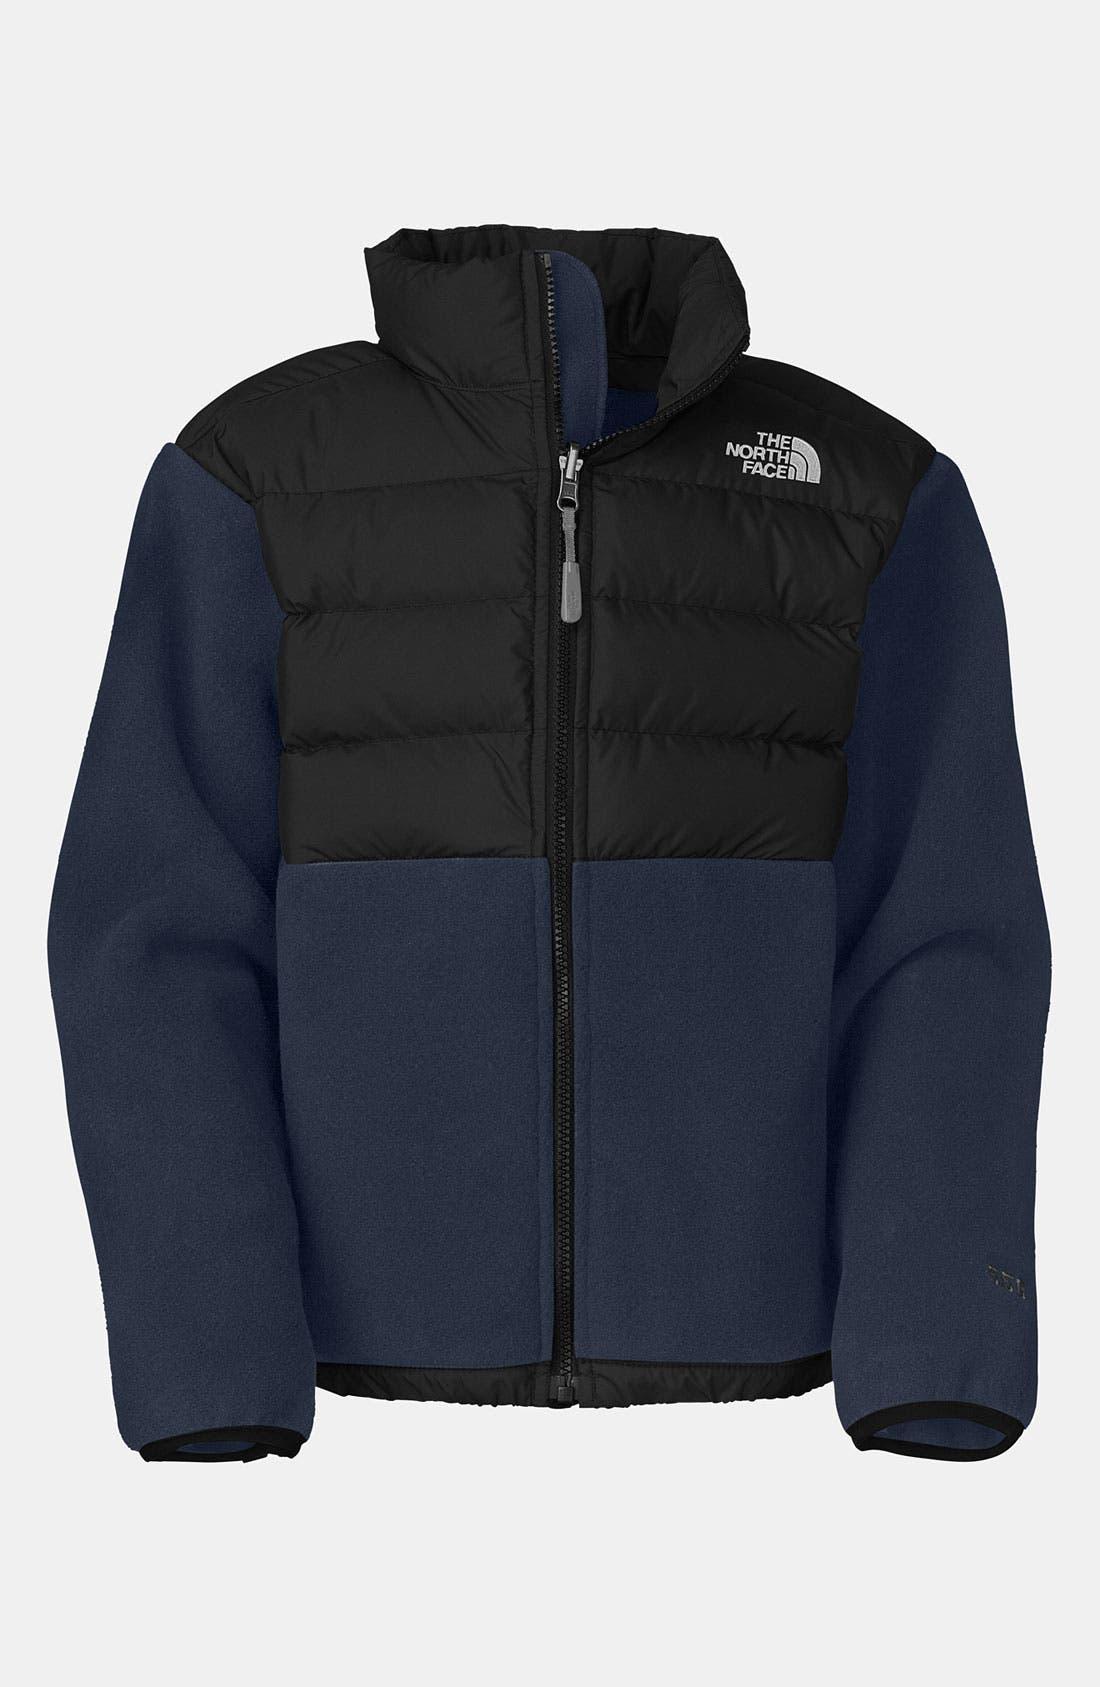 Main Image - The North Face 'Denali' Down Jacket (Big Boys)